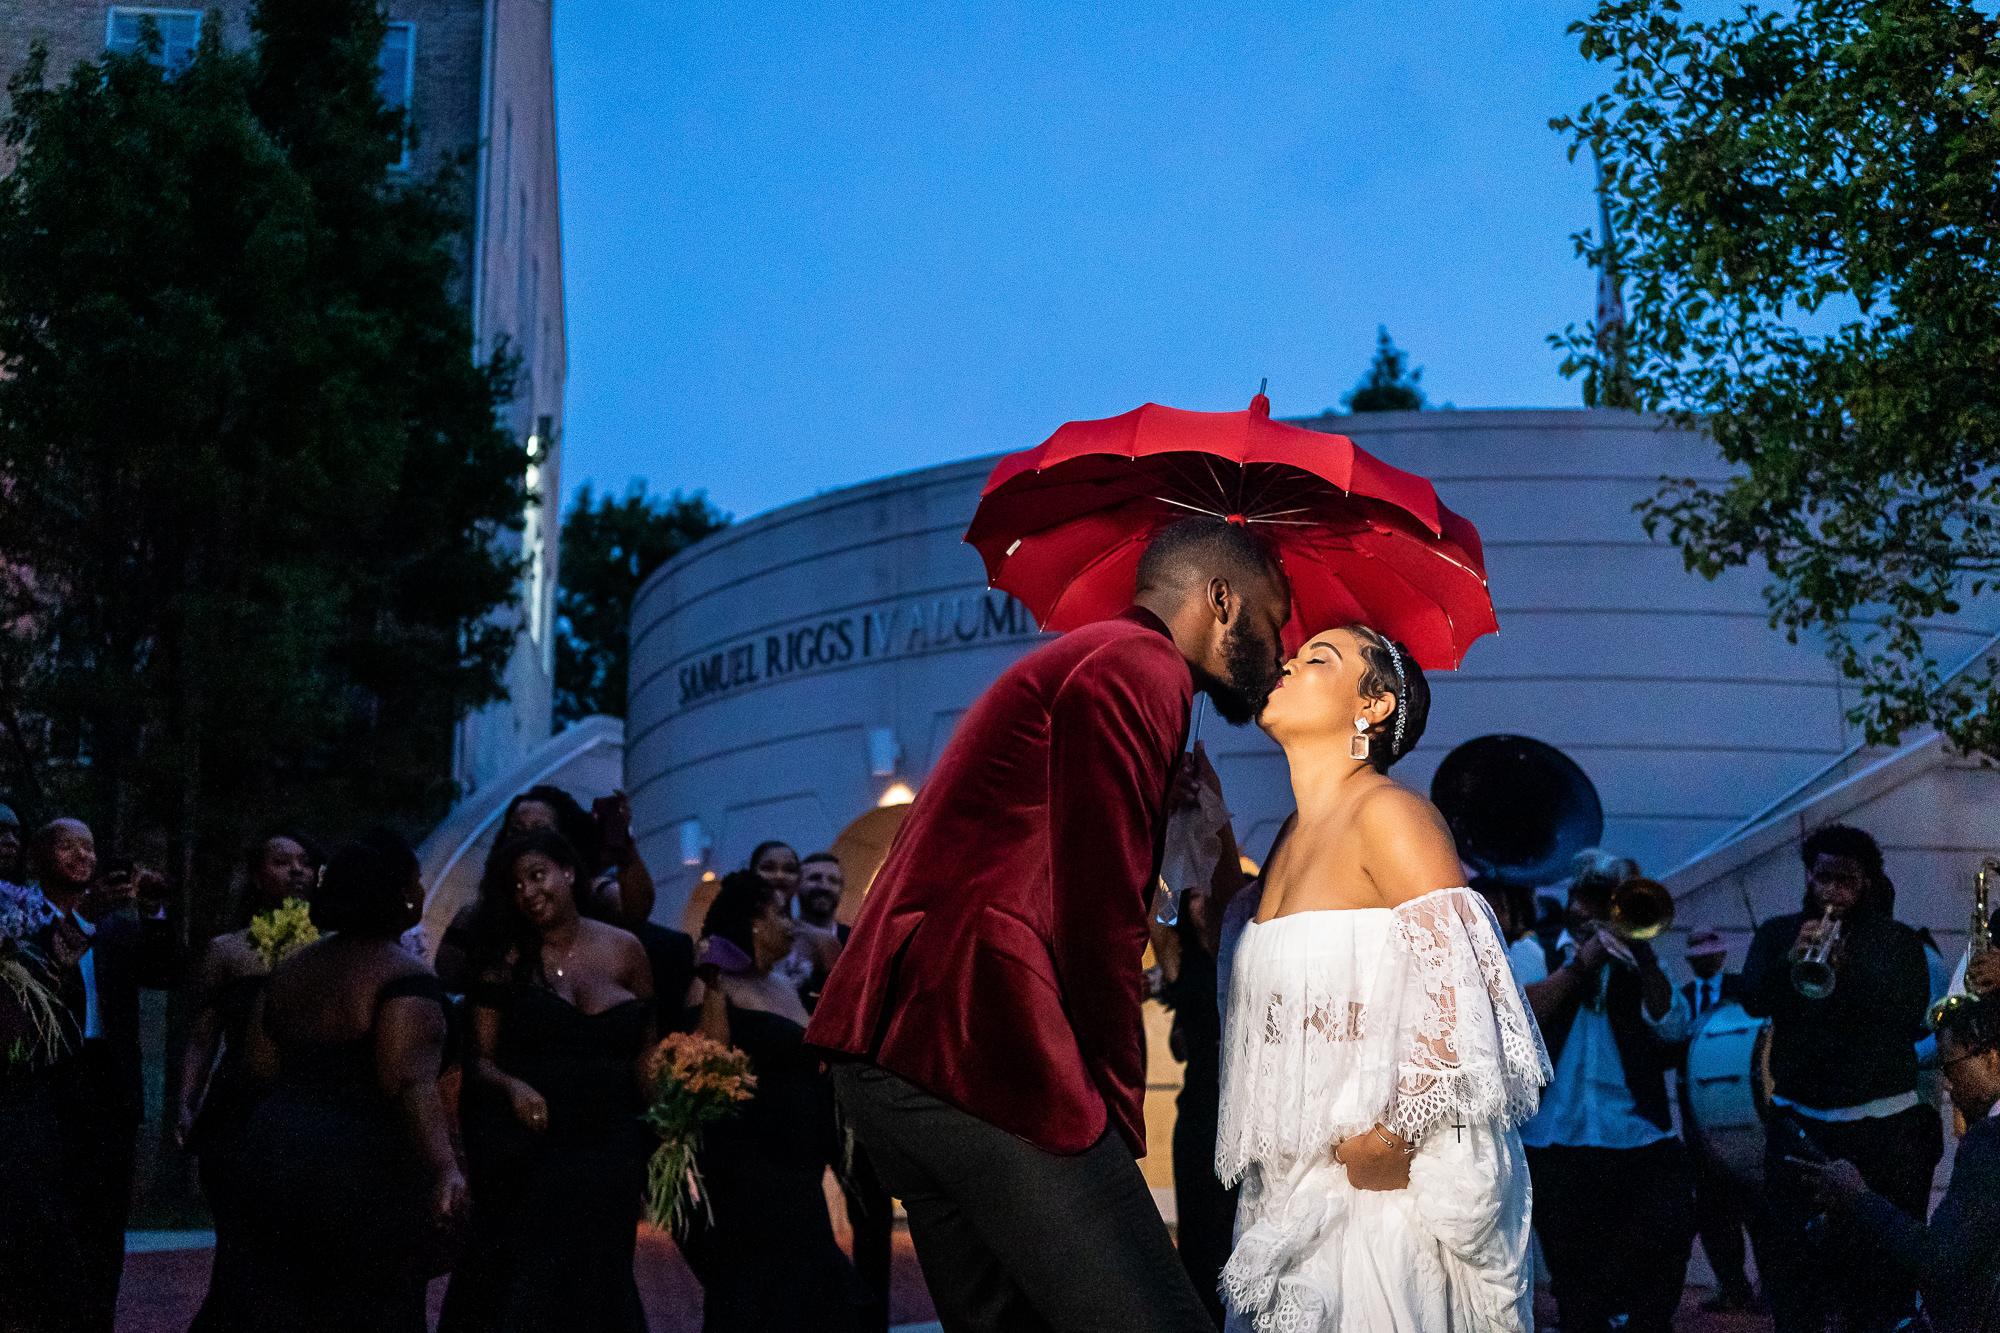 049-049-christopher-jason-studios-university-of-maryland-wedding-raheem-Devaughn-african-american-bride-and-groom.jpg